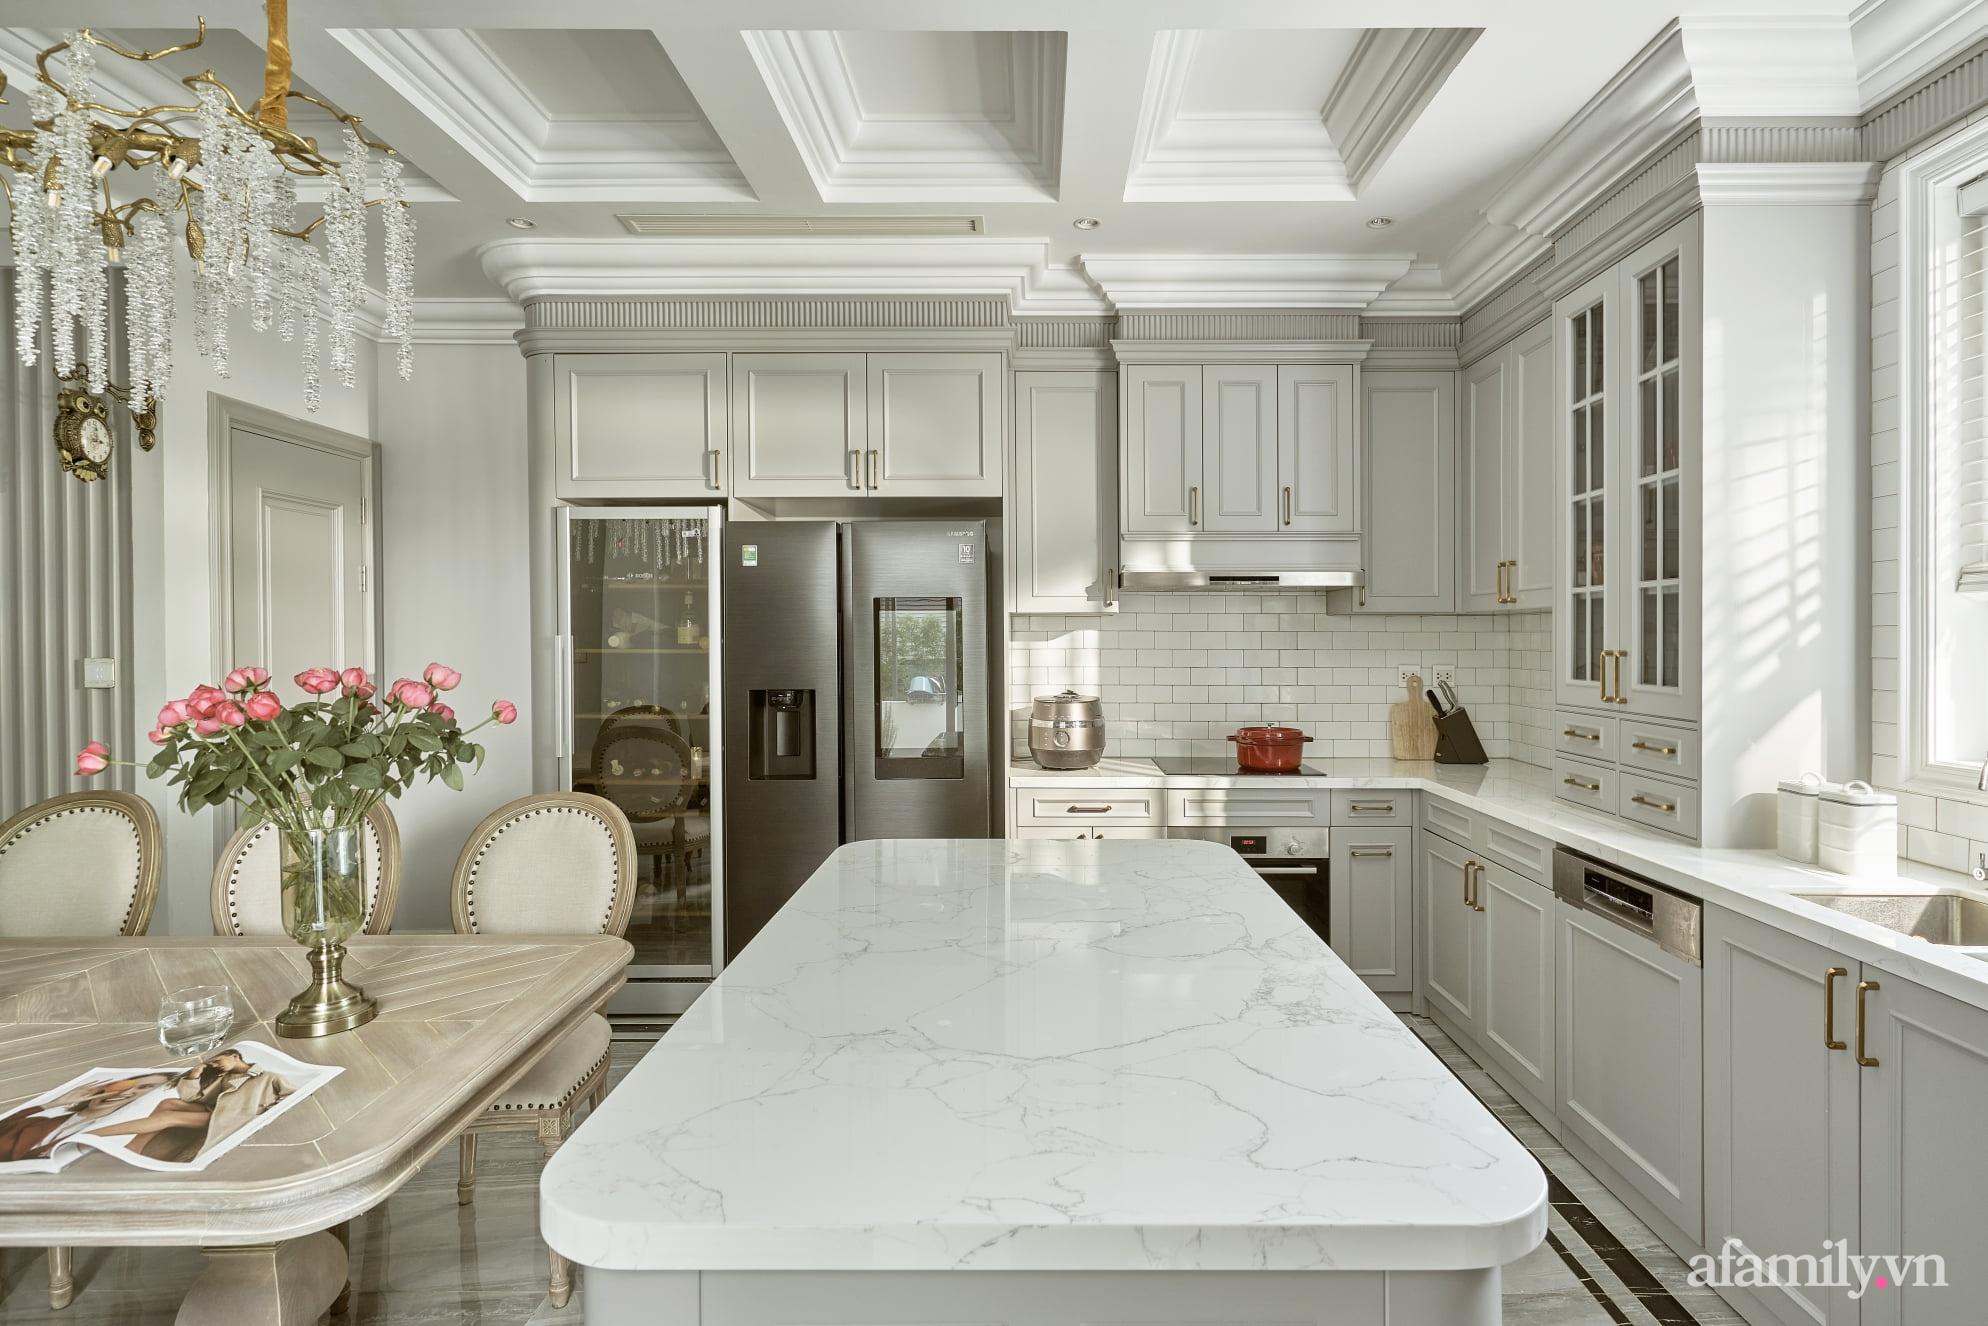 Nhà phố 3 tầng đẹp sang trọng với nội thất cực chất theo phong cách Traditional ở Hà Nội - Ảnh 12.